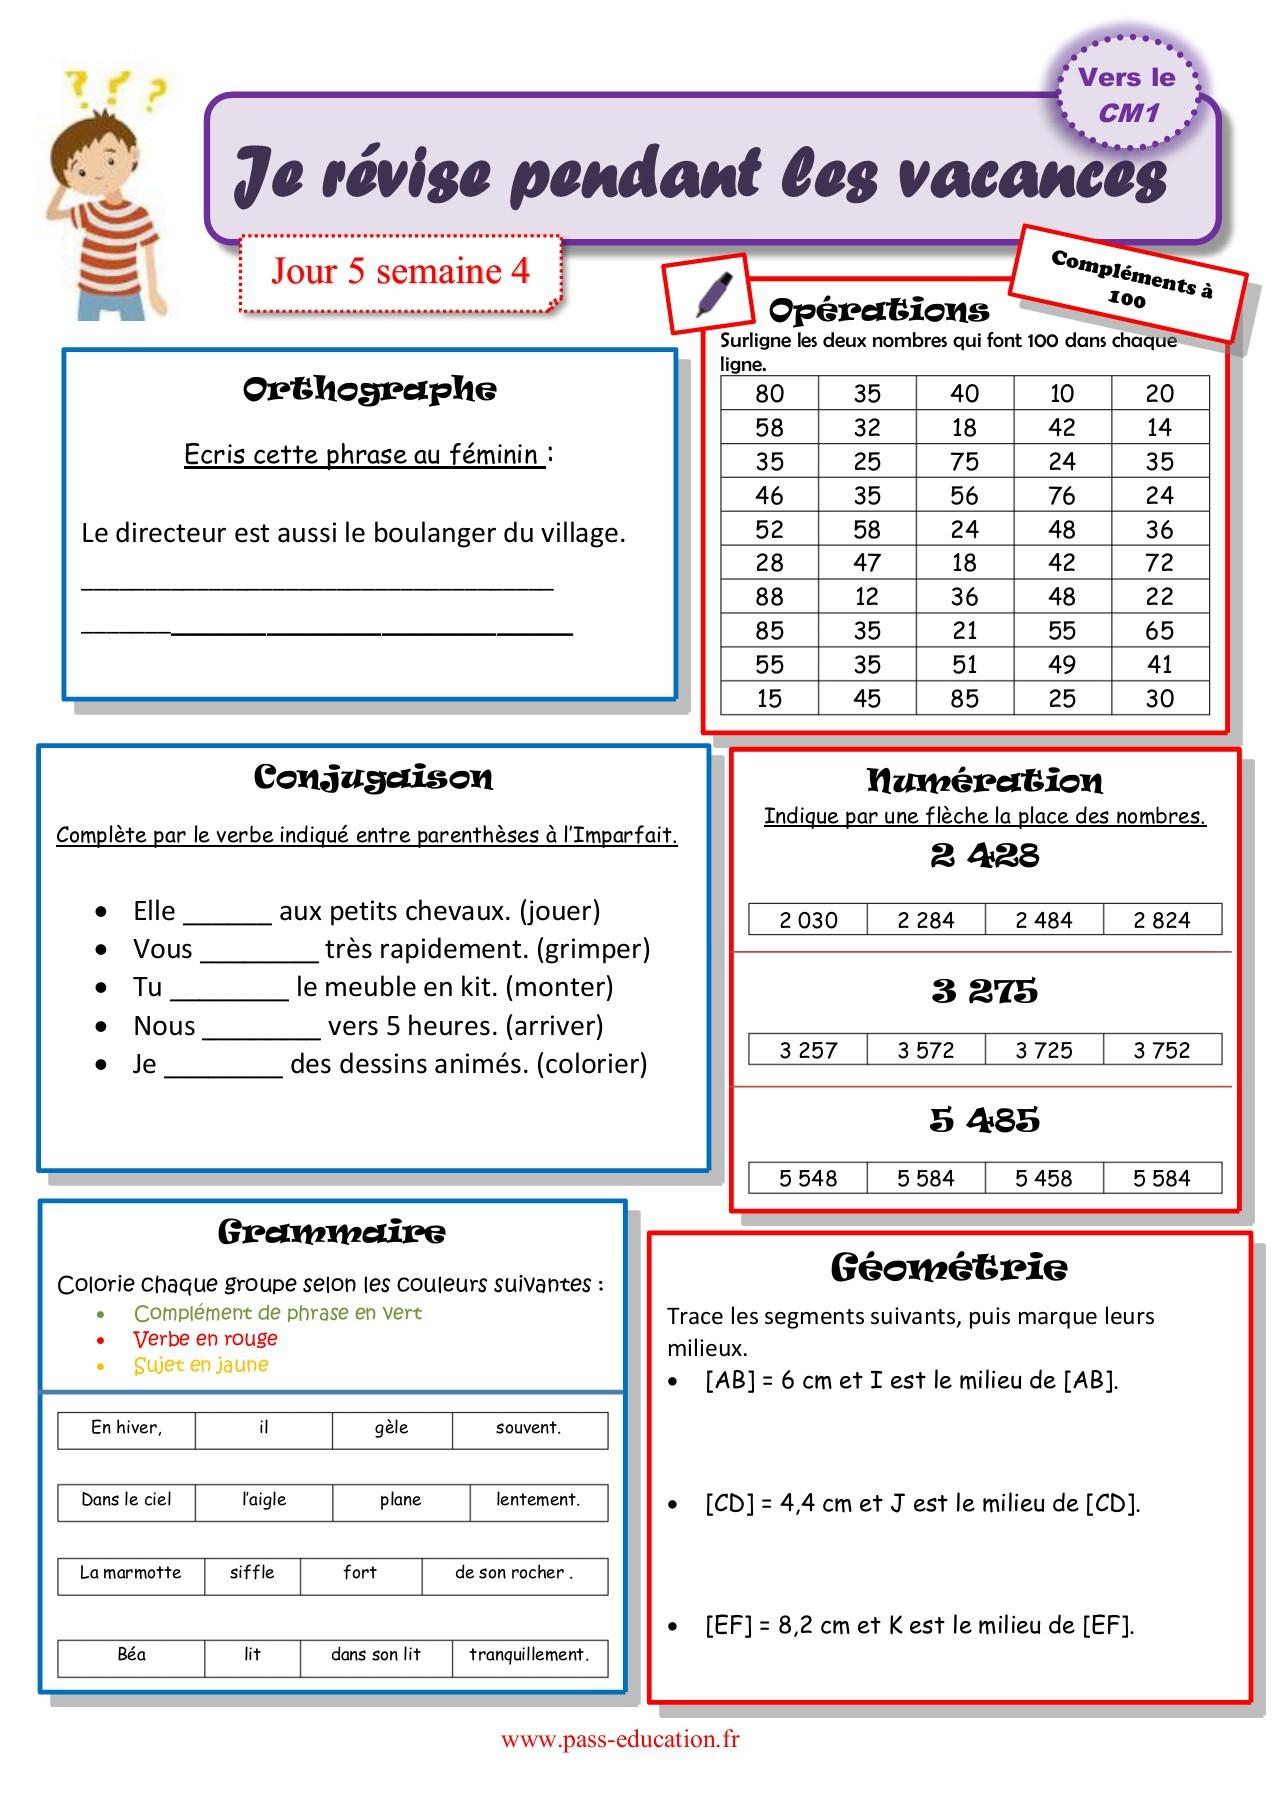 Cahier De Vacances Gratuit À Imprimer - Ce2 Vers Le Cm1 dedans Cahier De Vacances Gratuit A Imprimer